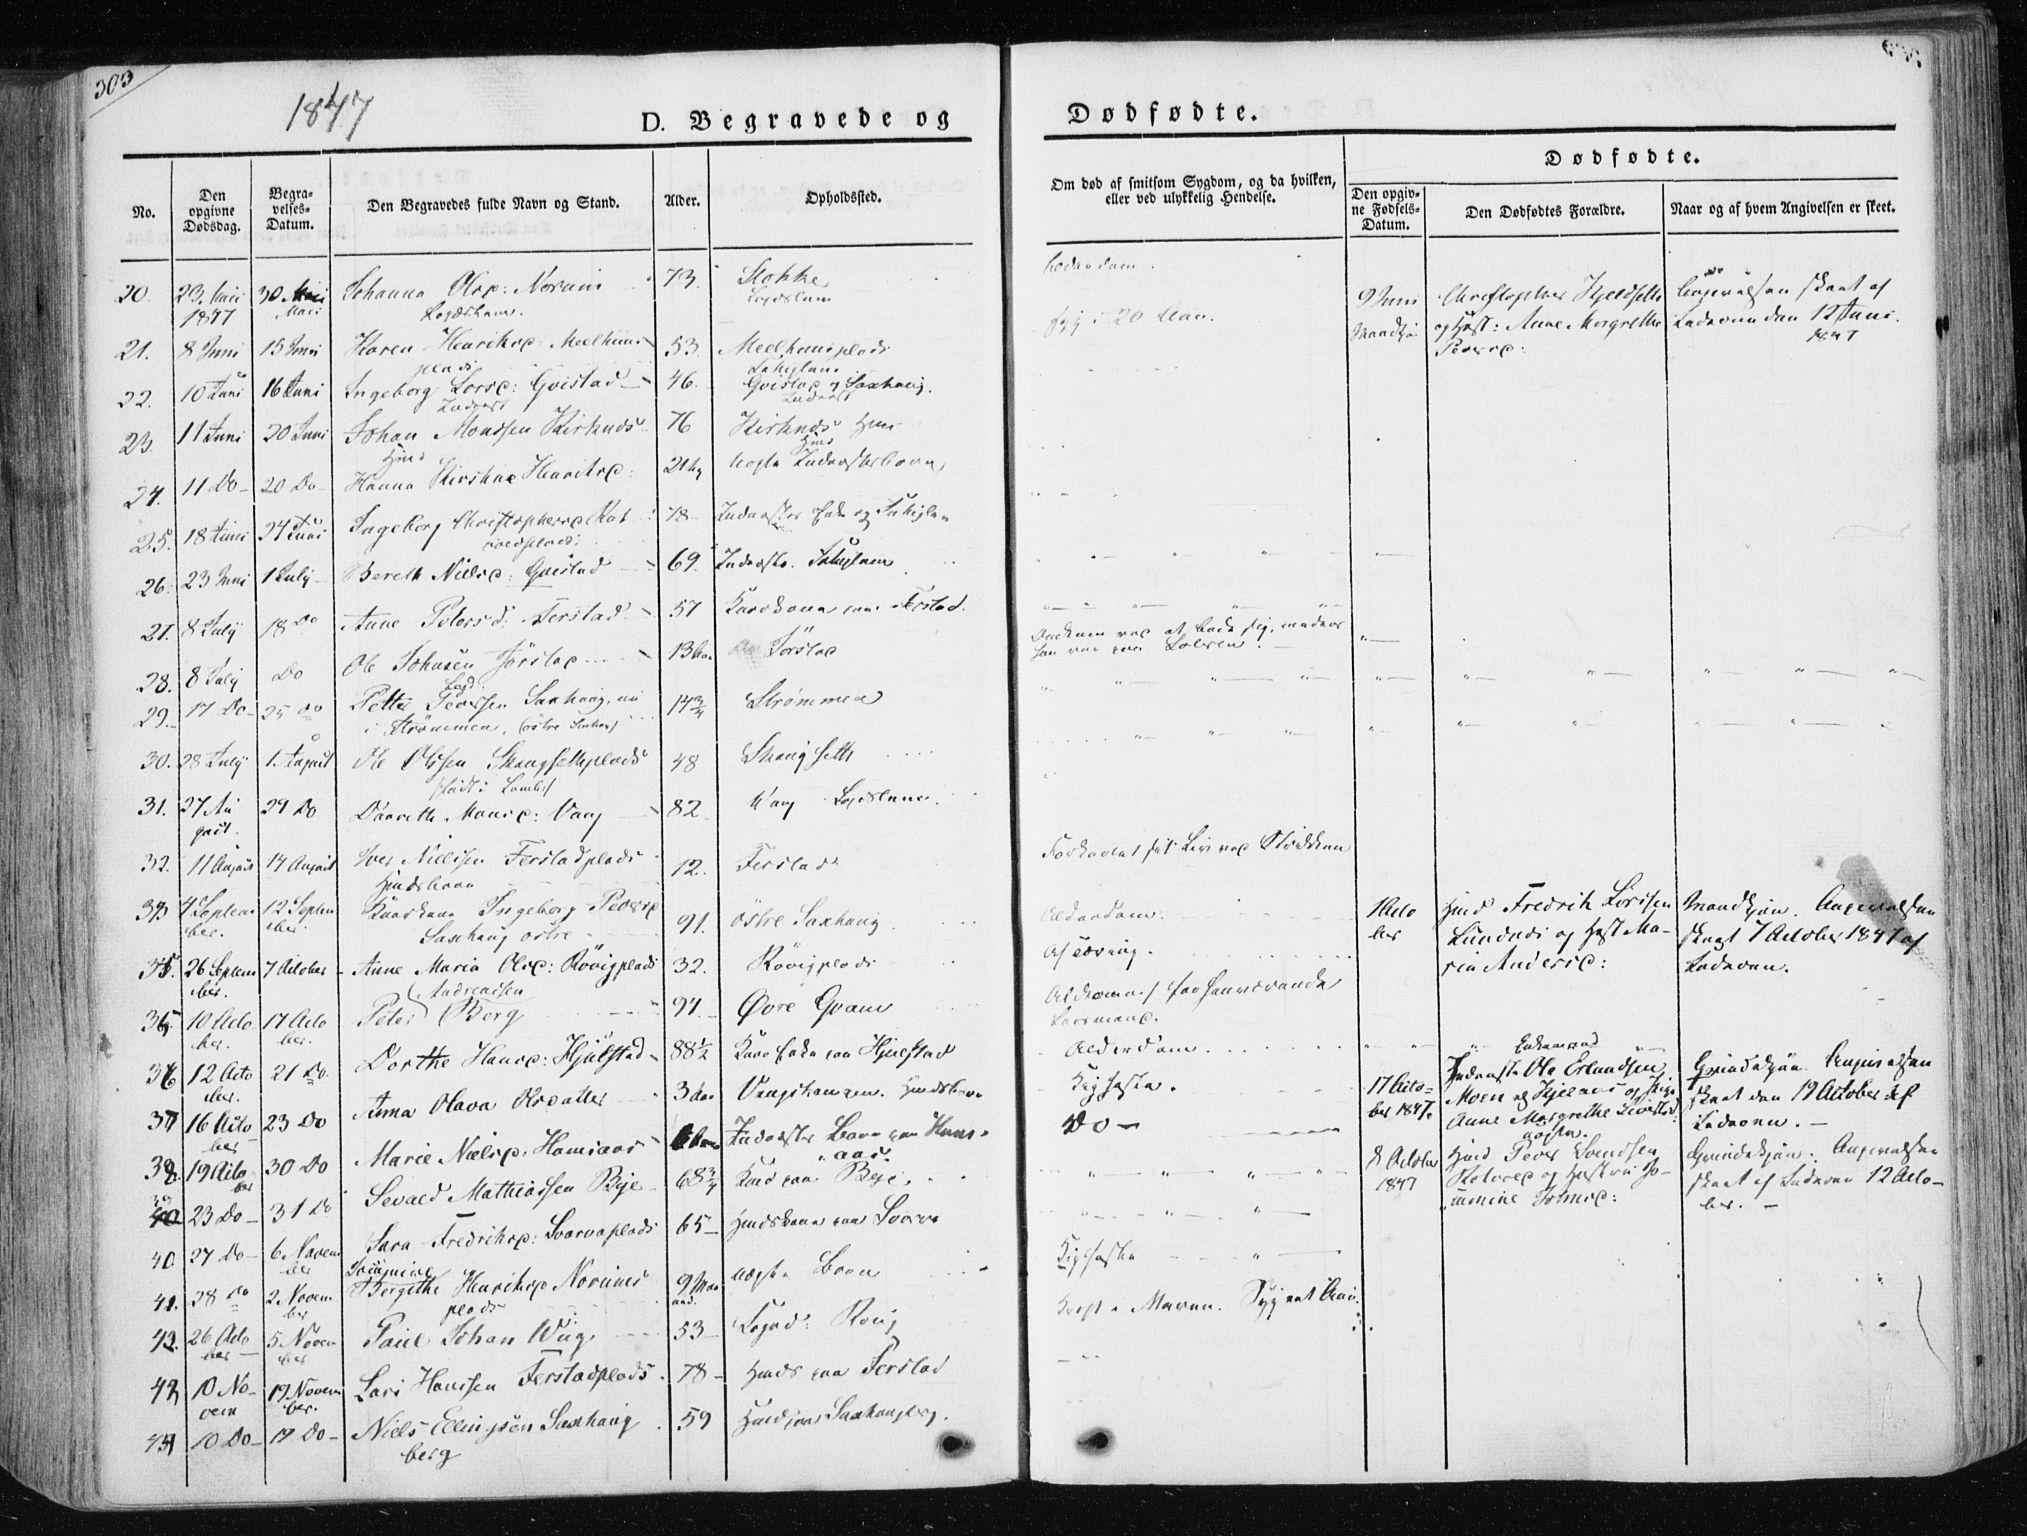 SAT, Ministerialprotokoller, klokkerbøker og fødselsregistre - Nord-Trøndelag, 730/L0280: Ministerialbok nr. 730A07 /1, 1840-1854, s. 303